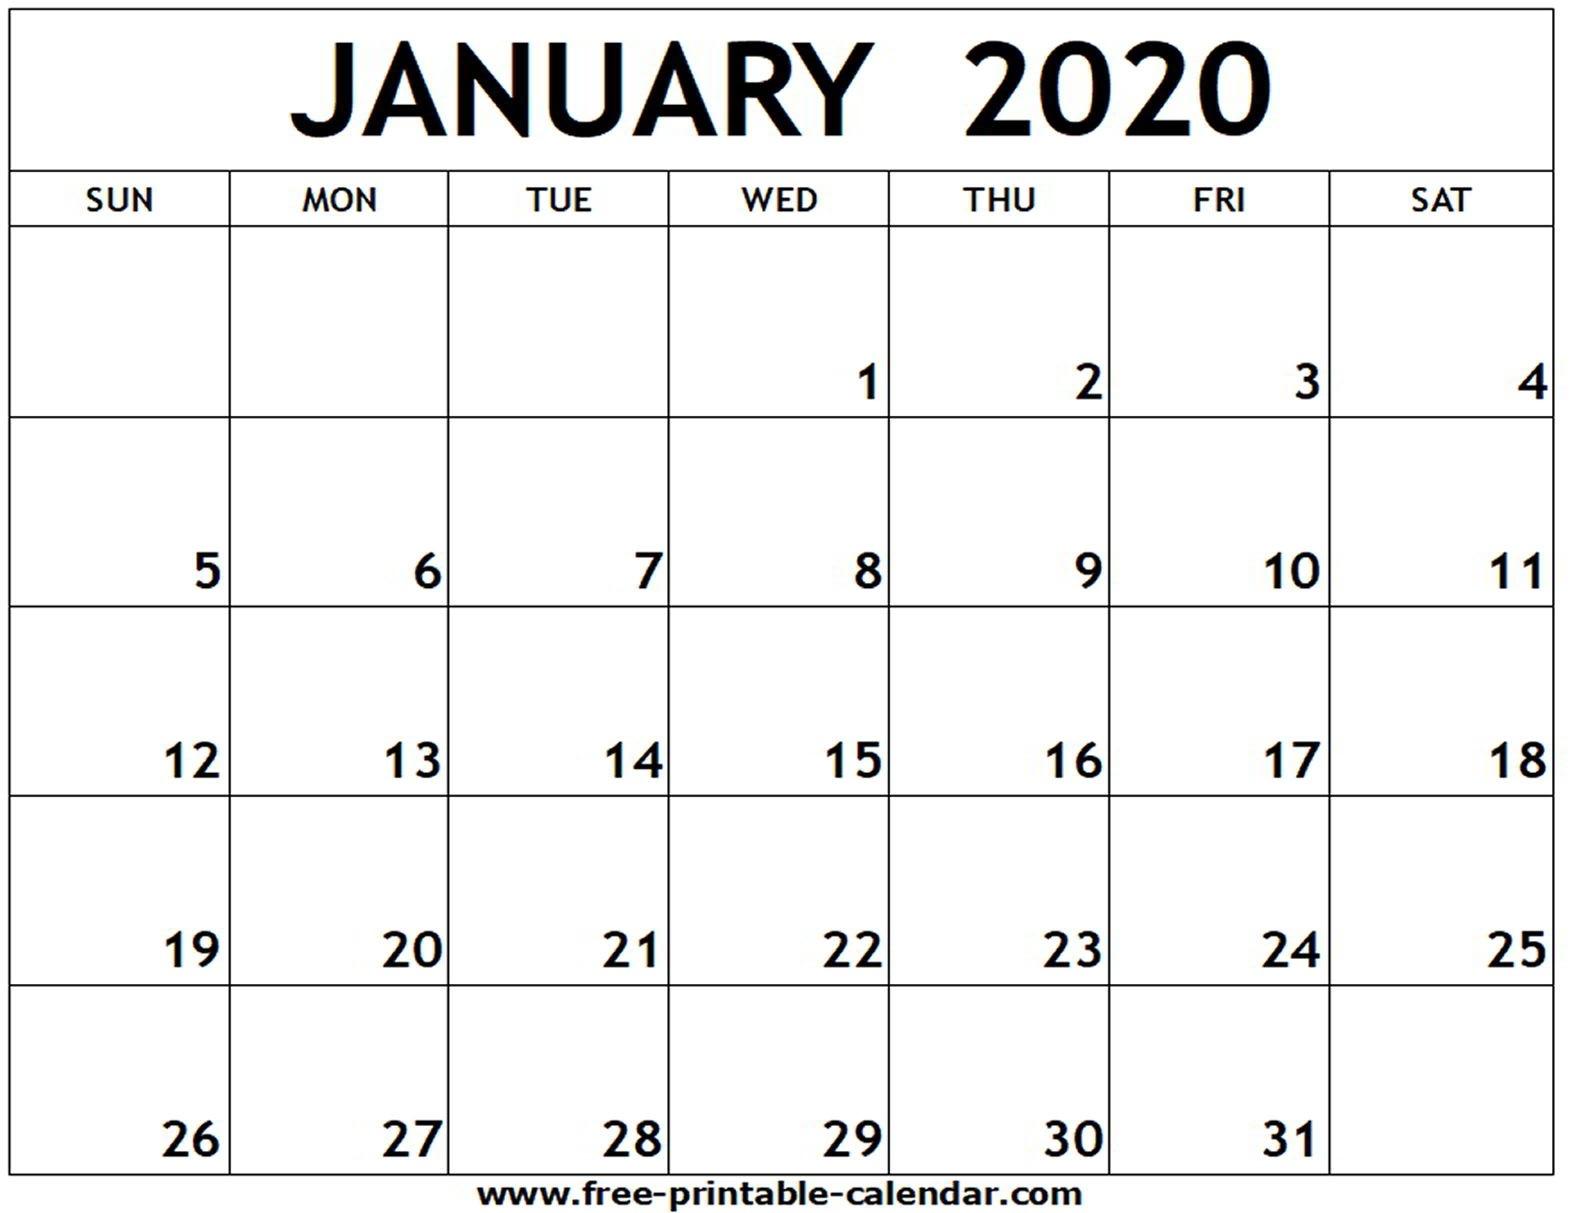 January 2020 Printable Calendar - Free-Printable-Calendar  2020 Printable Calendar Free Full Page